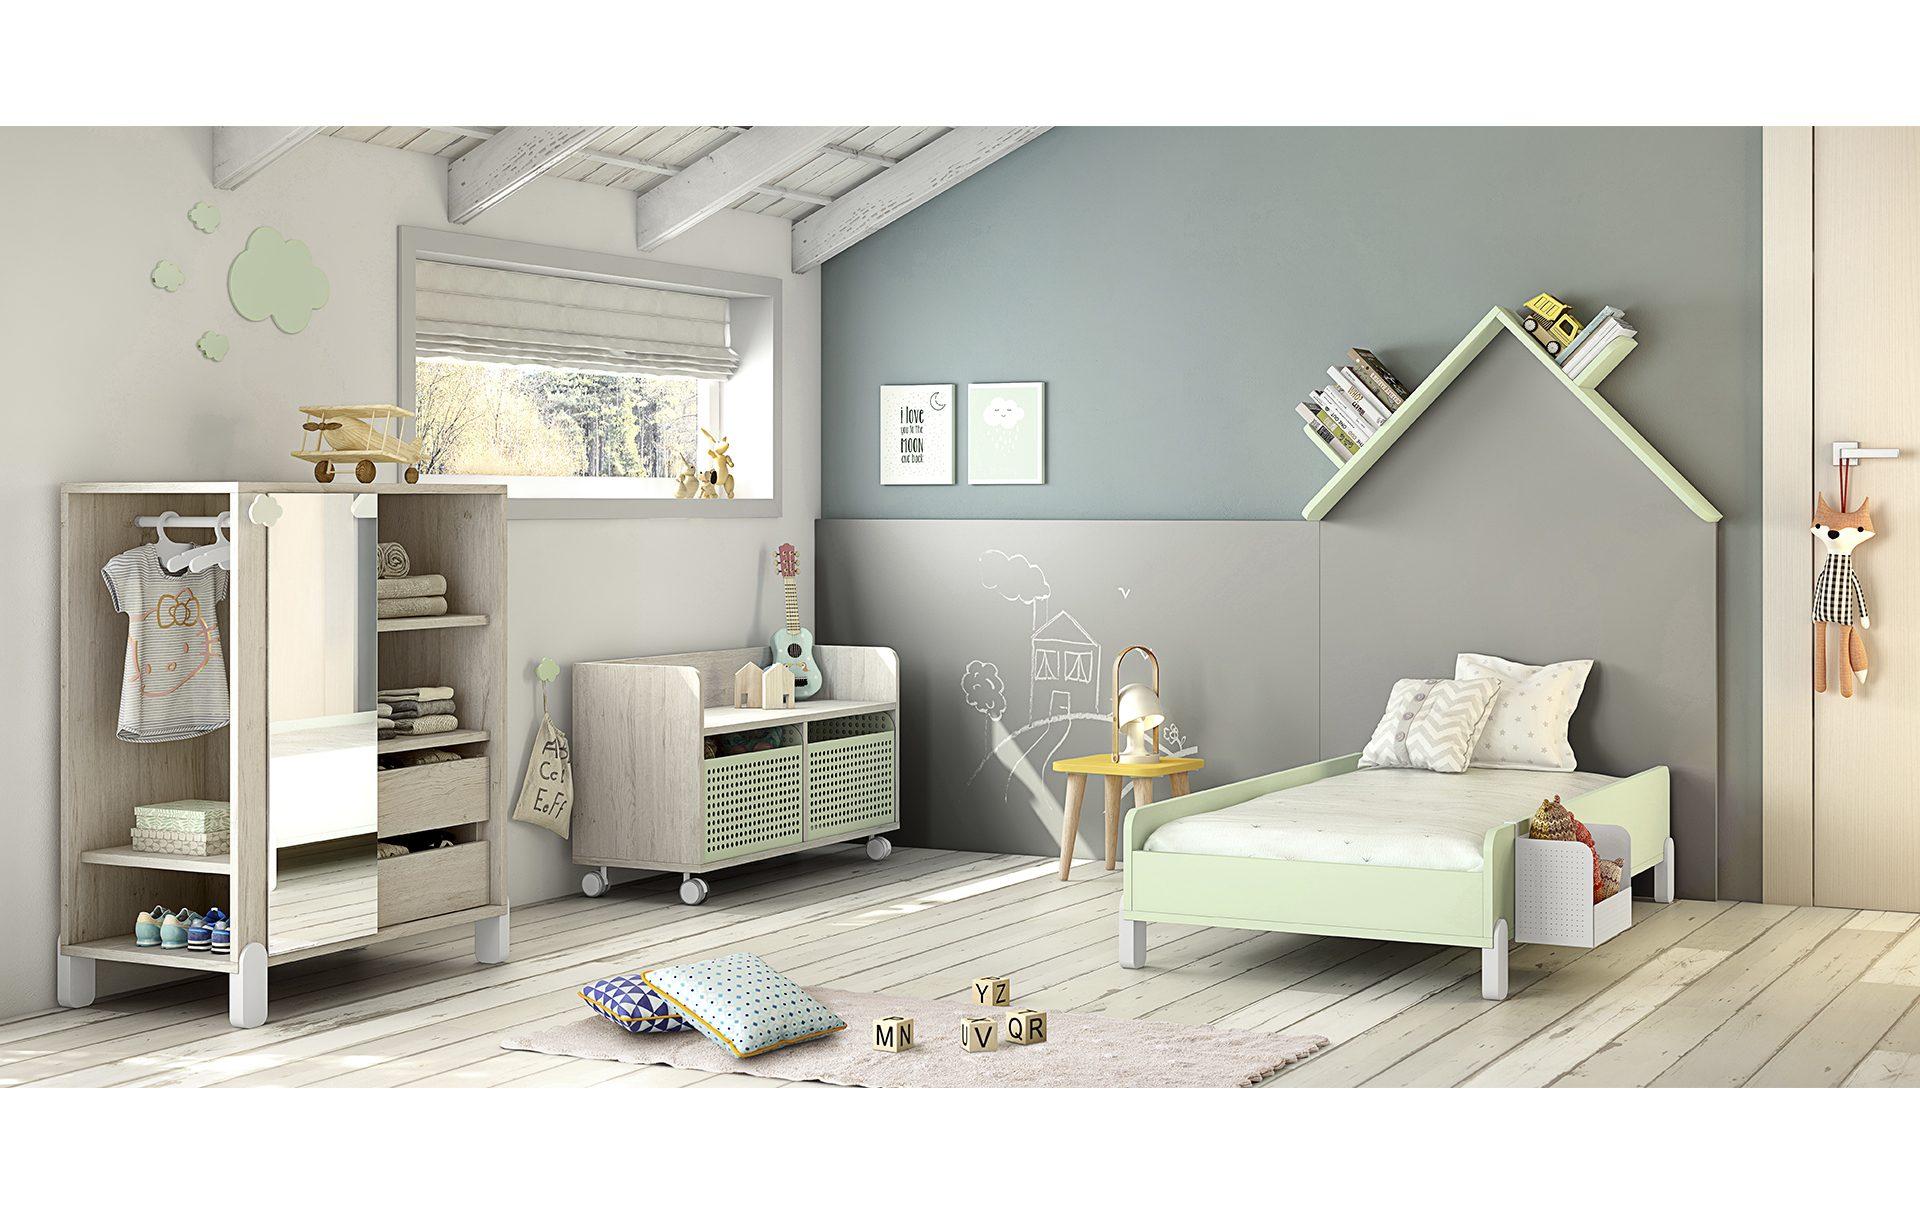 Cameretta Montessori con lavagna casita